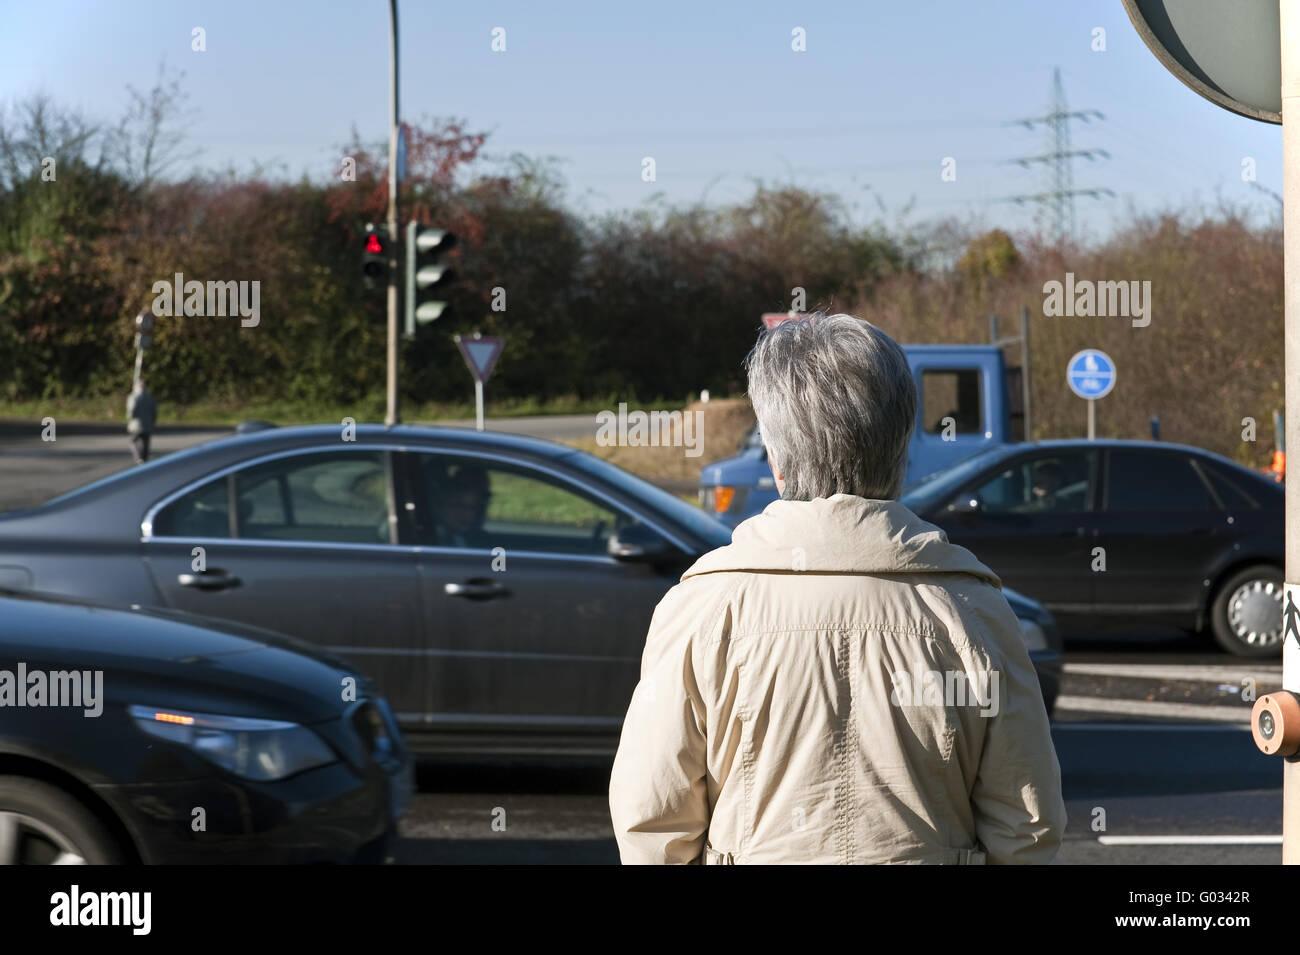 Mujer de pie en una calle que cruza con luz roja Imagen De Stock